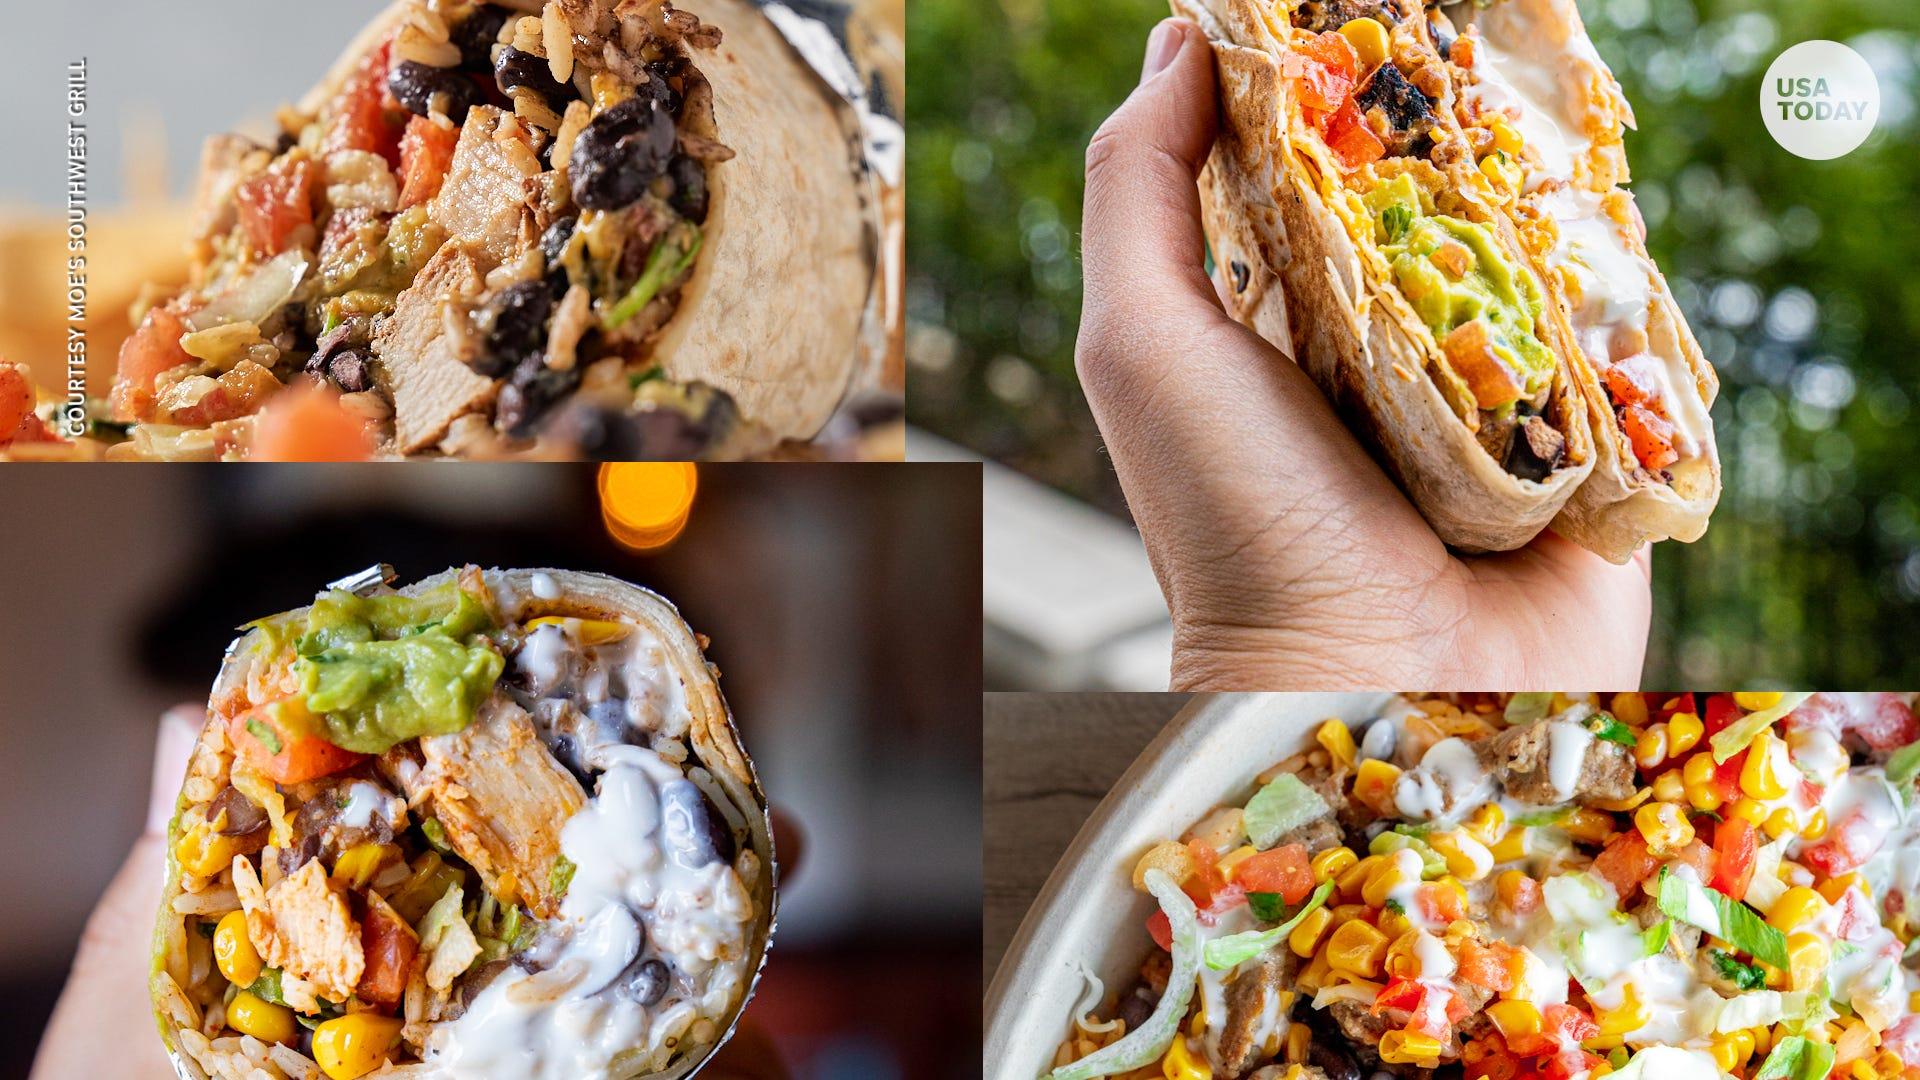 Chipotle, Taco Bell, Chili's, Del Taco